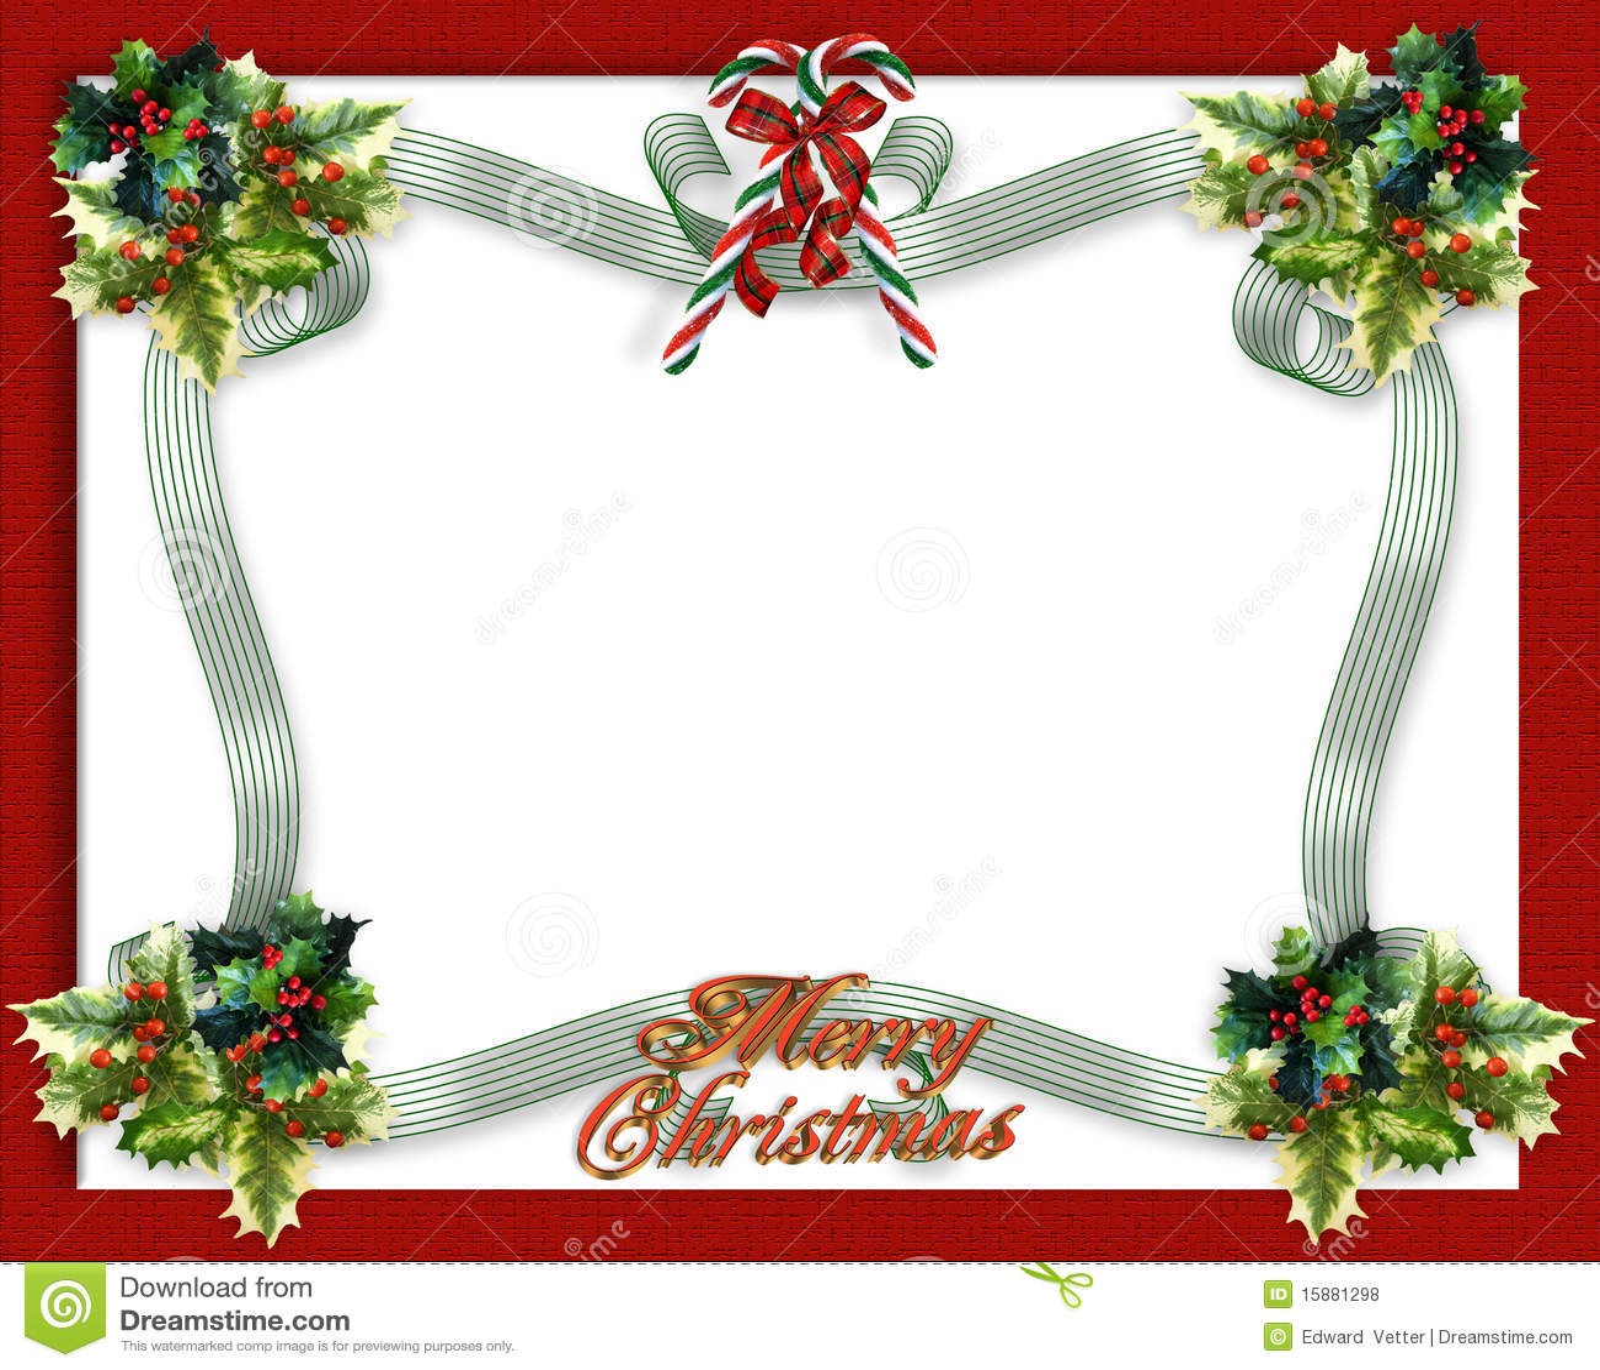 Christmas Border Ribbons Royalty Free Stock Photos Image